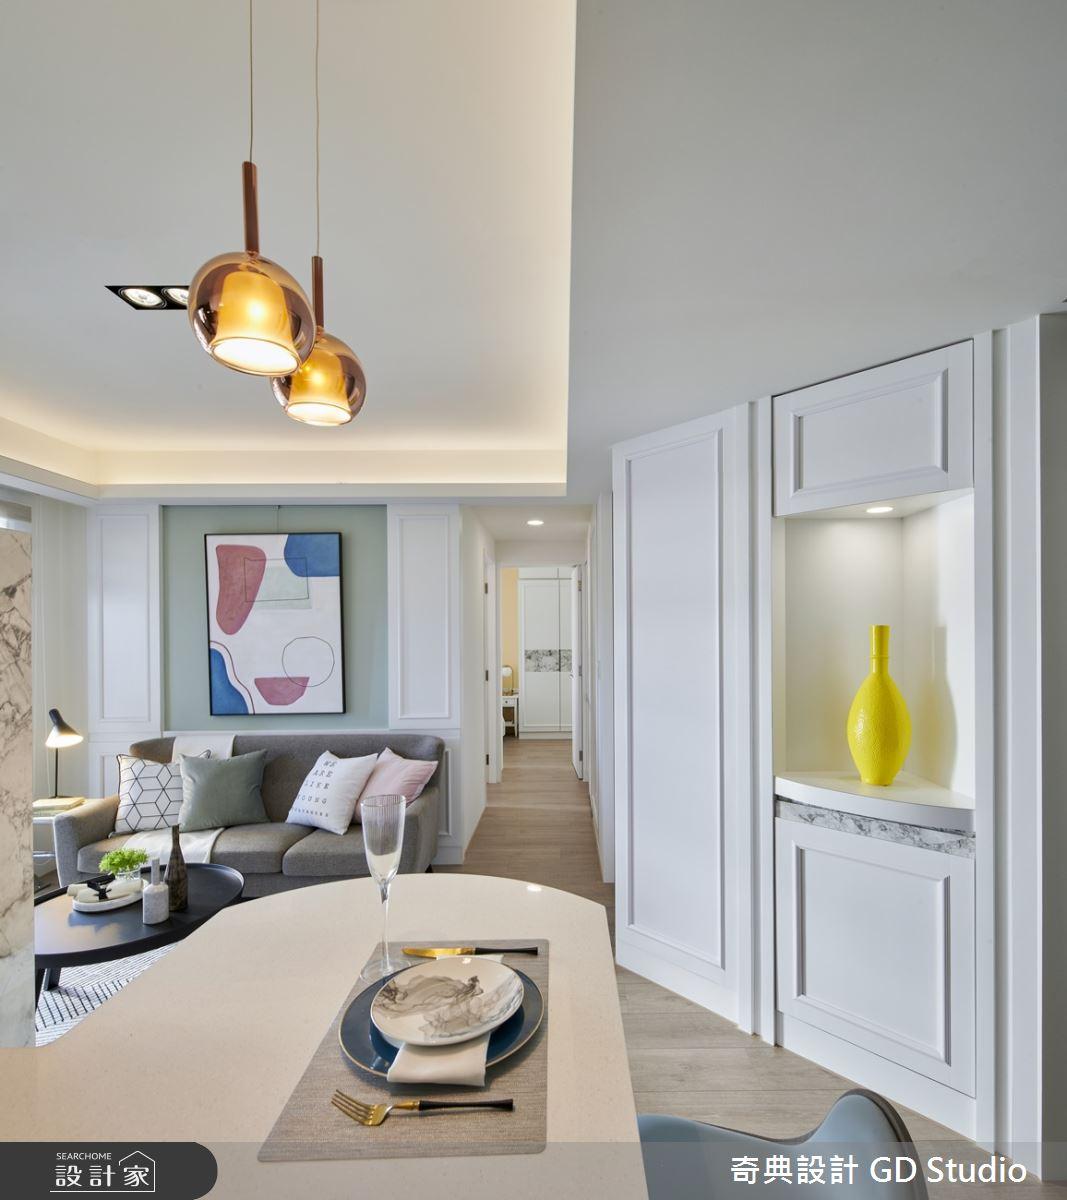 20坪新成屋(5年以下)_美式風客廳餐廳案例圖片_奇典設計_奇典_13之3